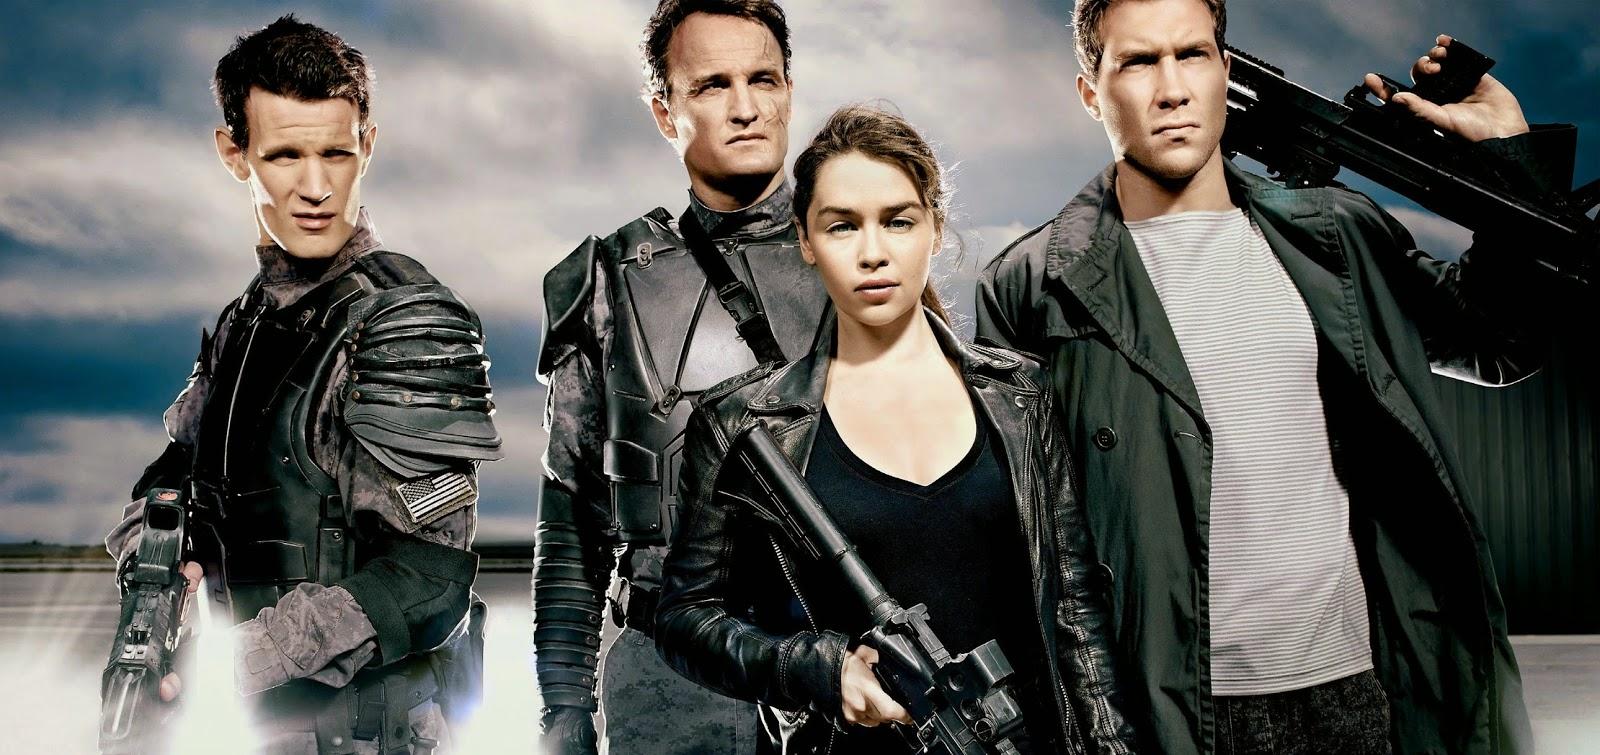 Mais ação no terceiro trailer de O Exterminador do Futuro: Gênesis, com Schwarzenegger e Emilia Clarke